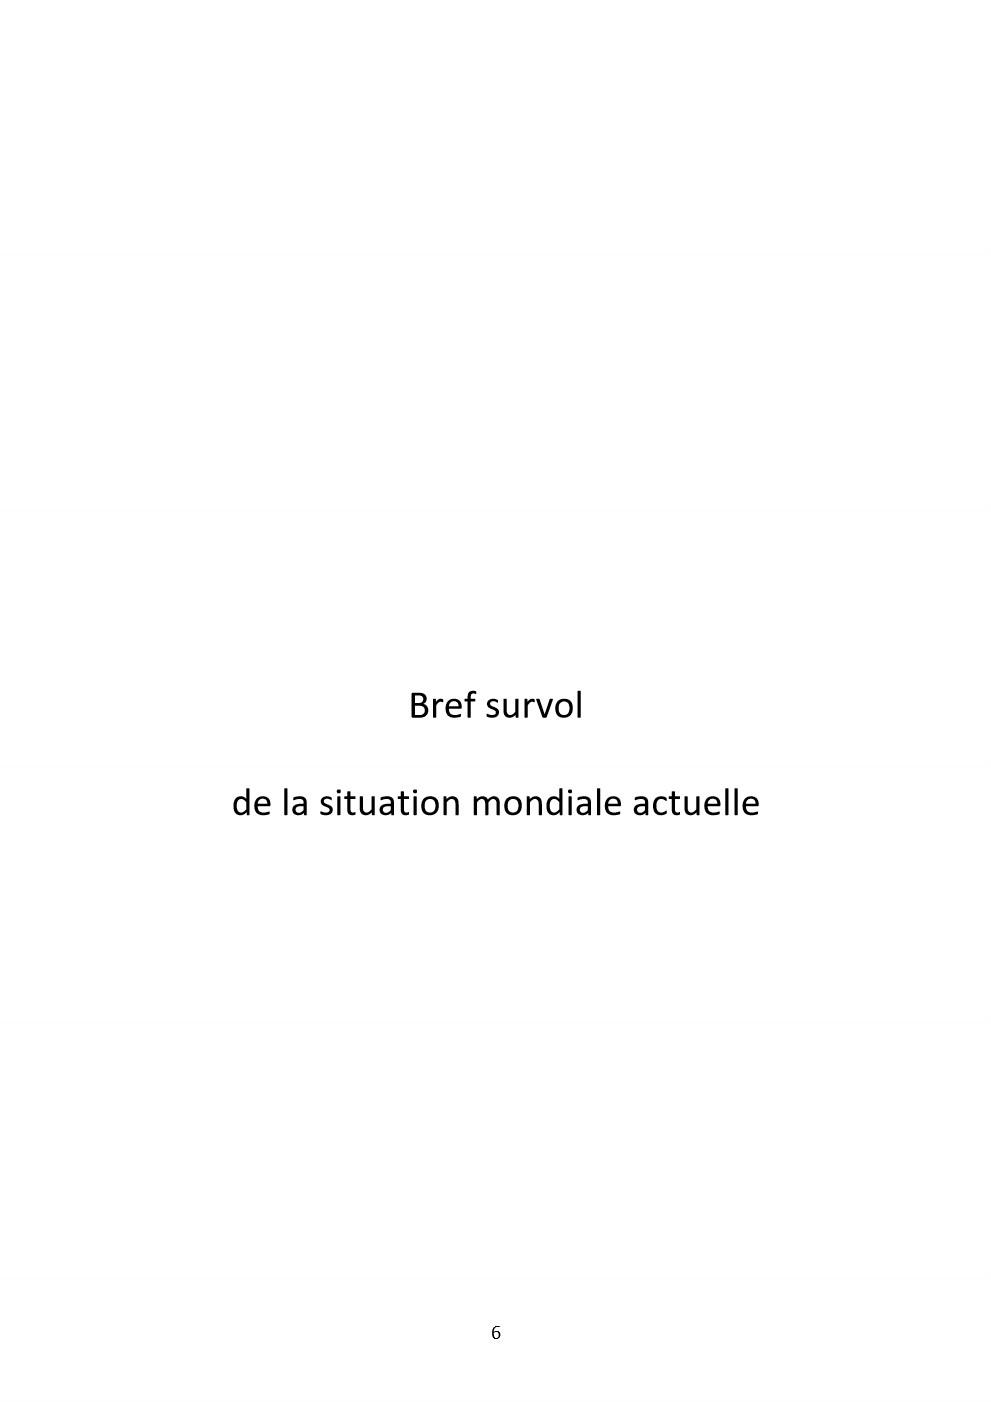 manuel de survie6